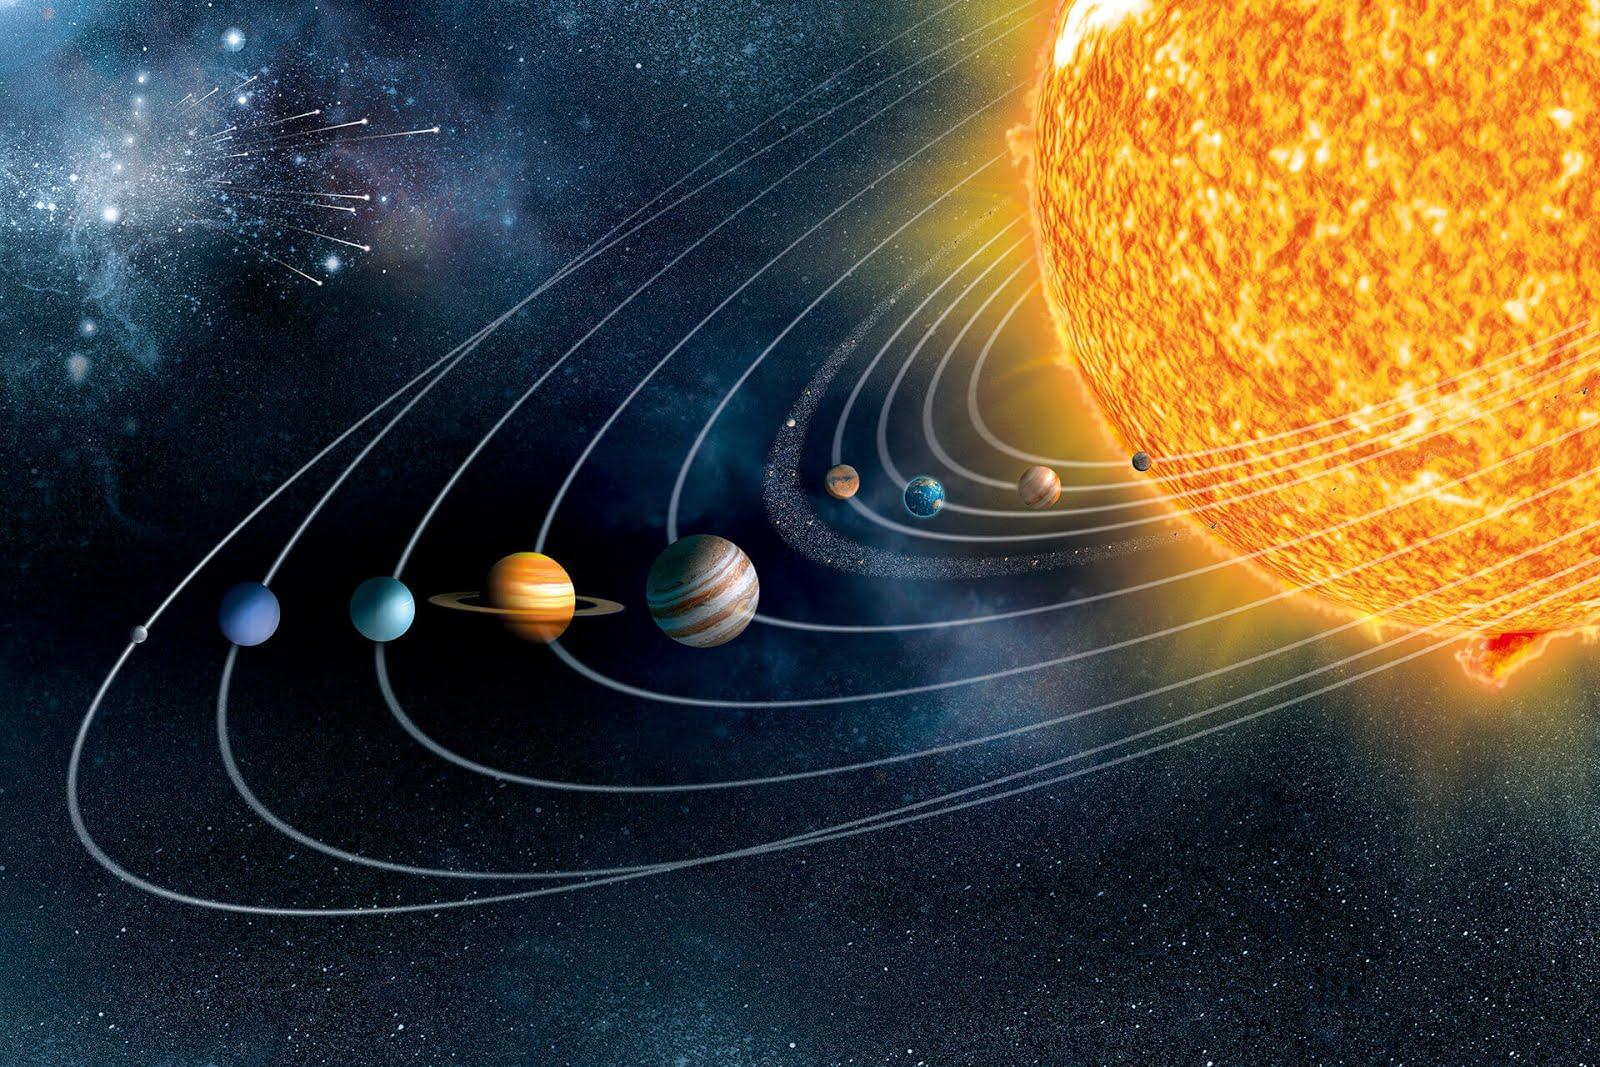 Perchè le orbite sono ellittiche?